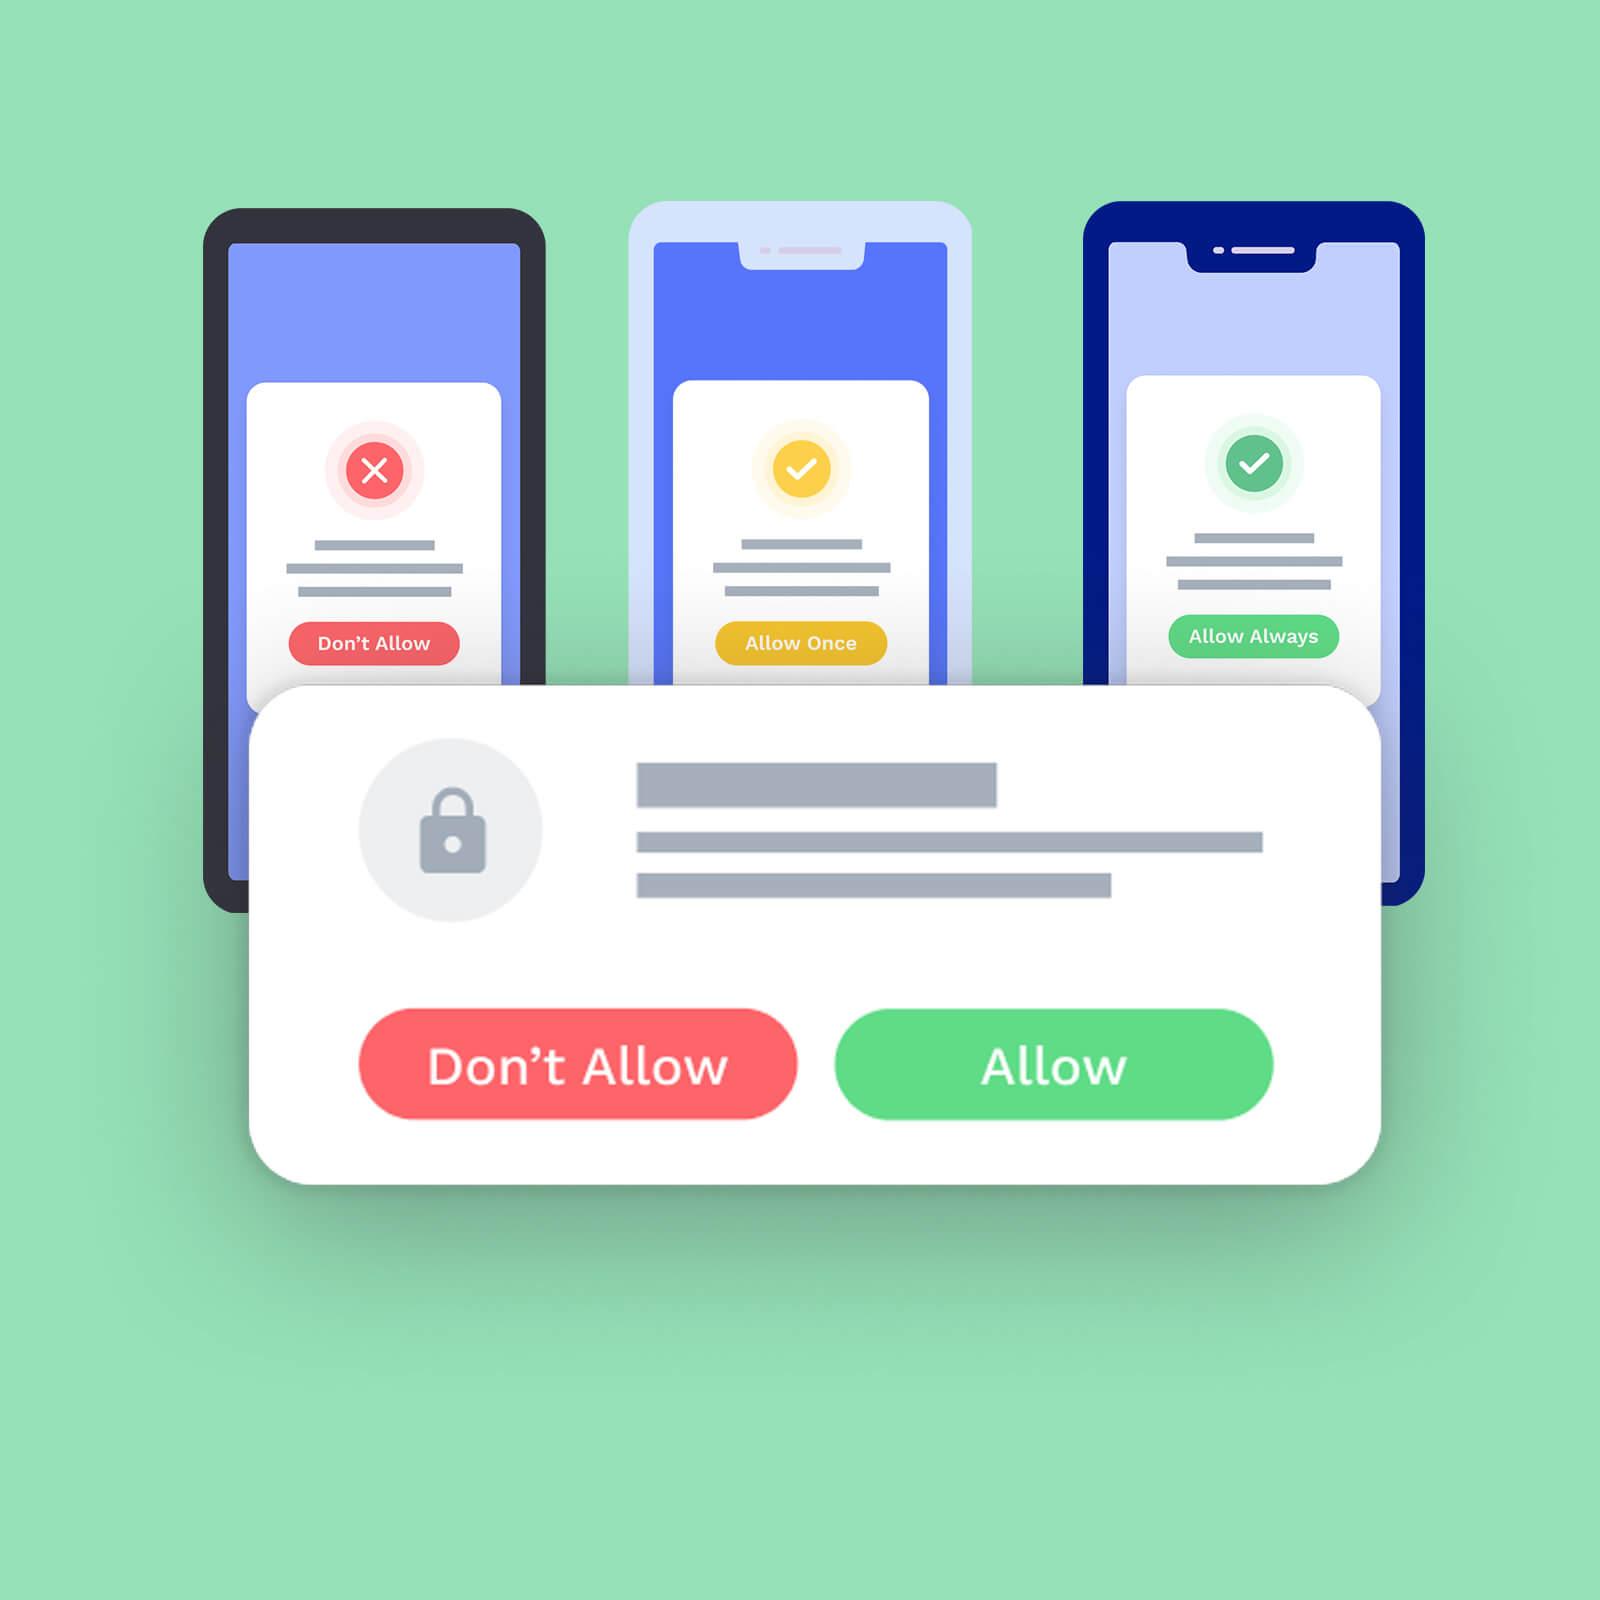 Mobile App Permissions